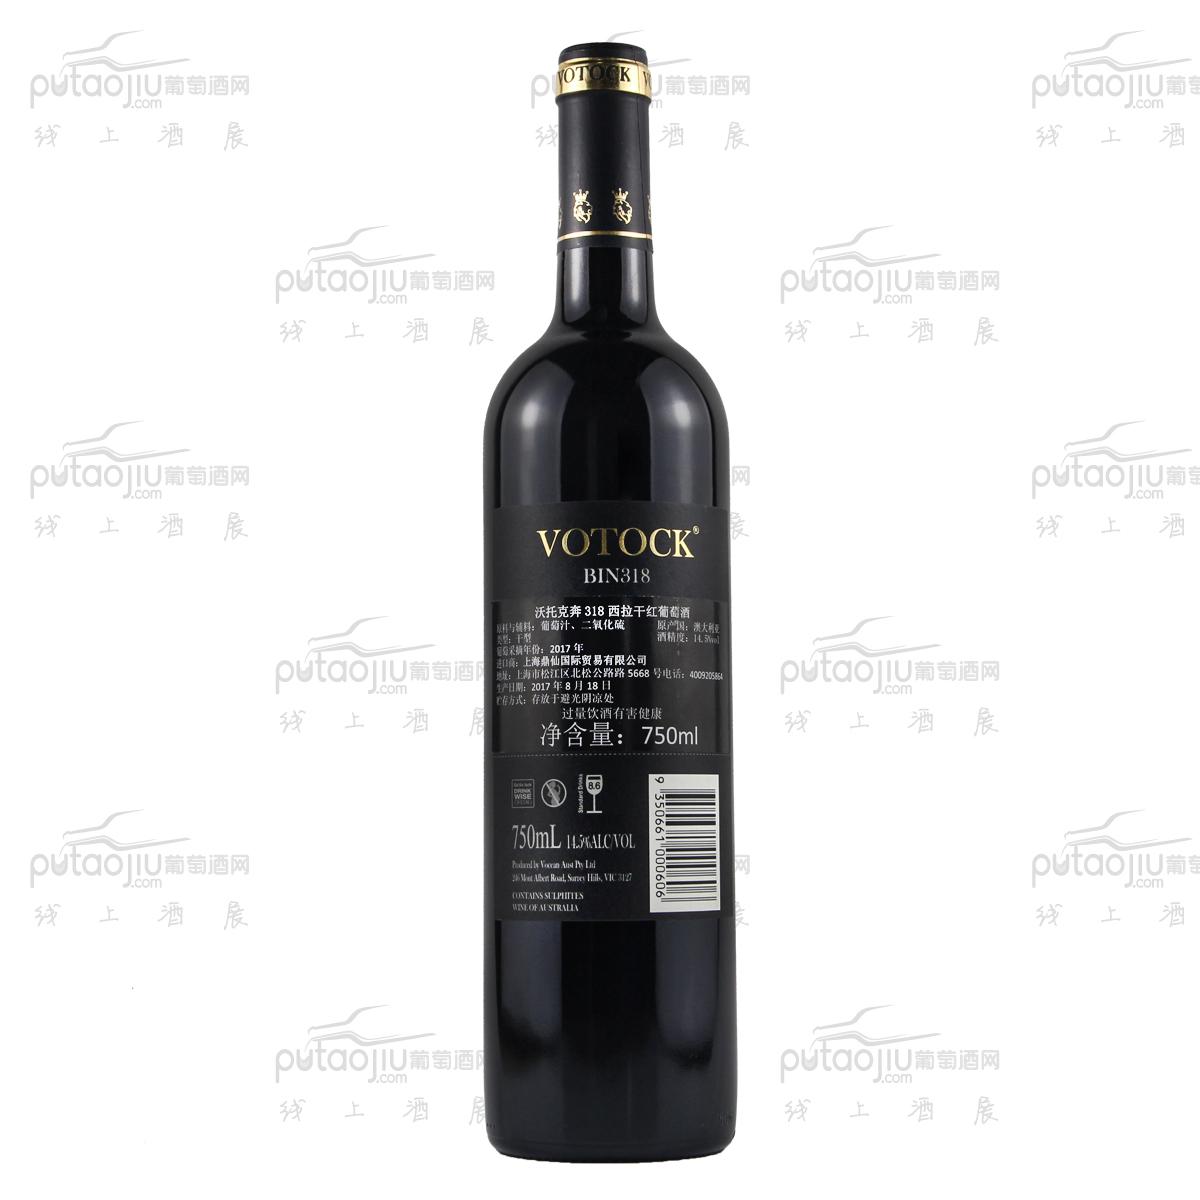 澳大利亚墨累河西拉子干红葡萄酒